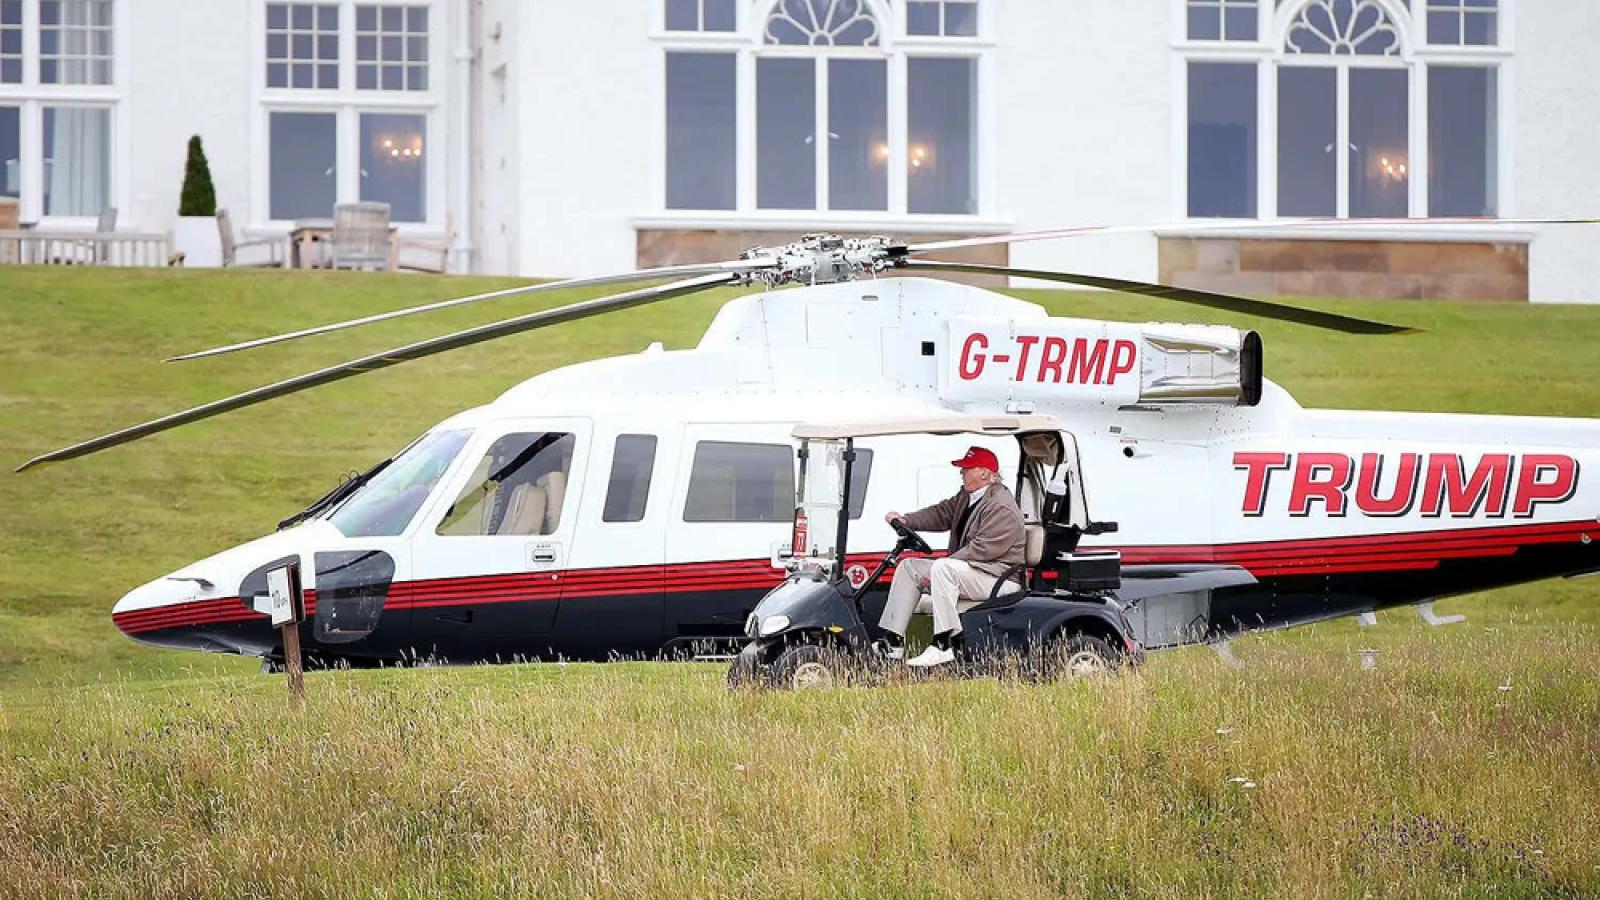 Khám phá chiếc máy bay mà ông Donald Trump đang rao bán